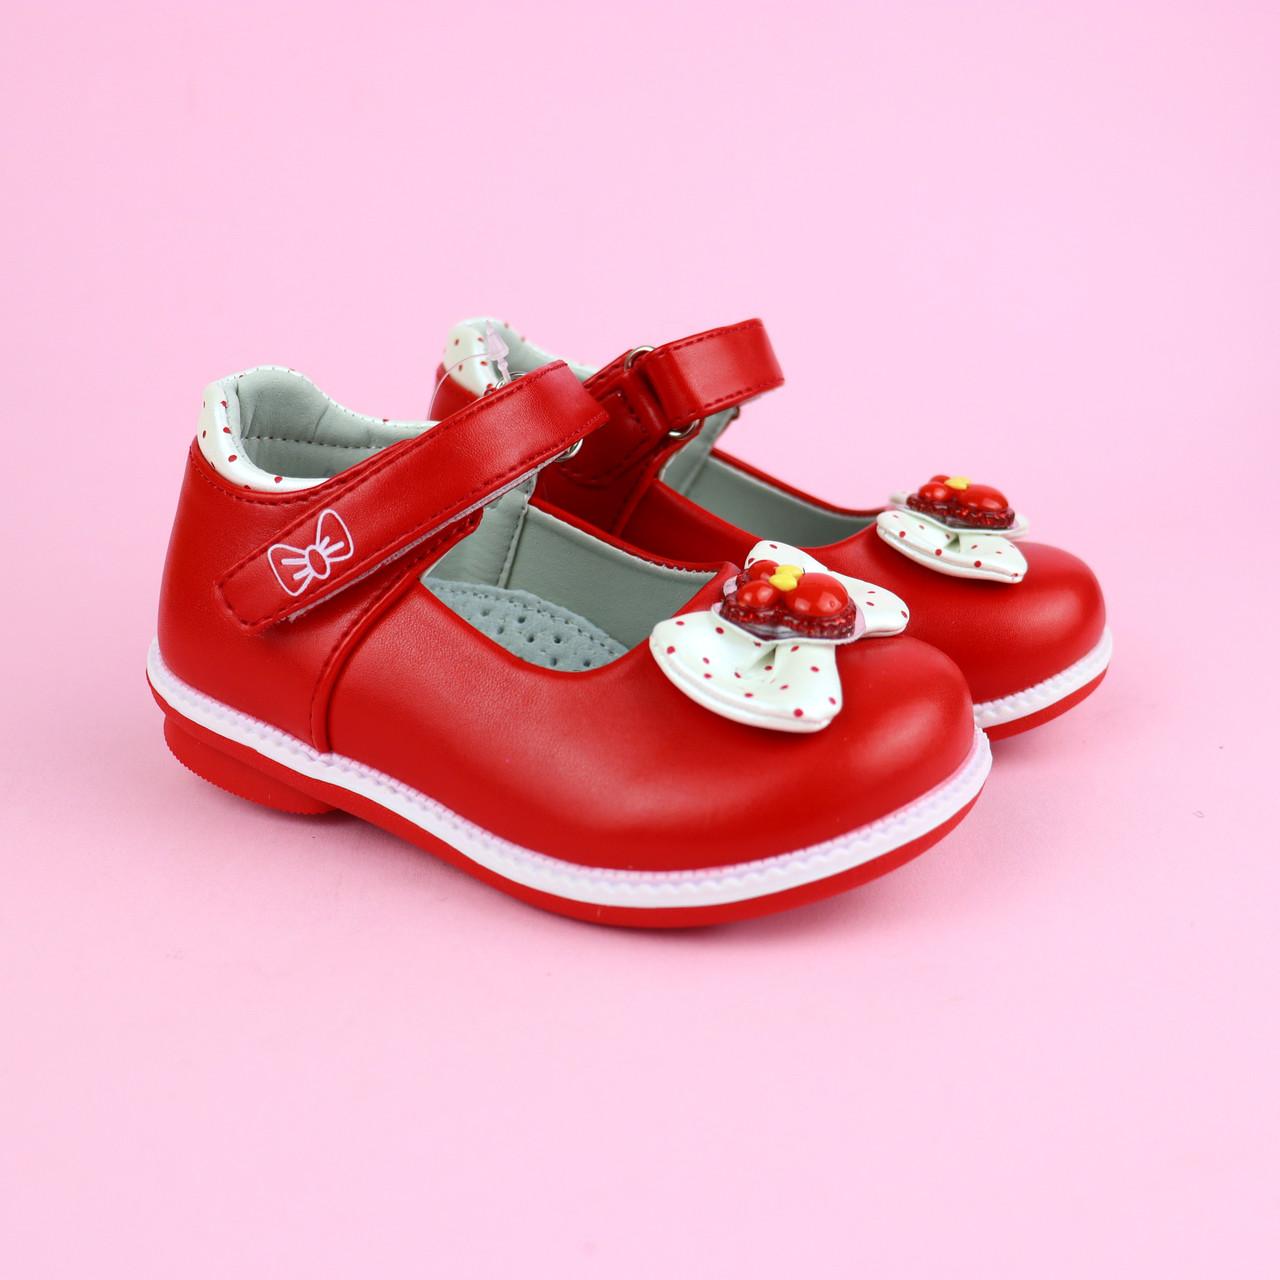 Червоні туфлі для дівчинки Тому.м розмір 21,23,25